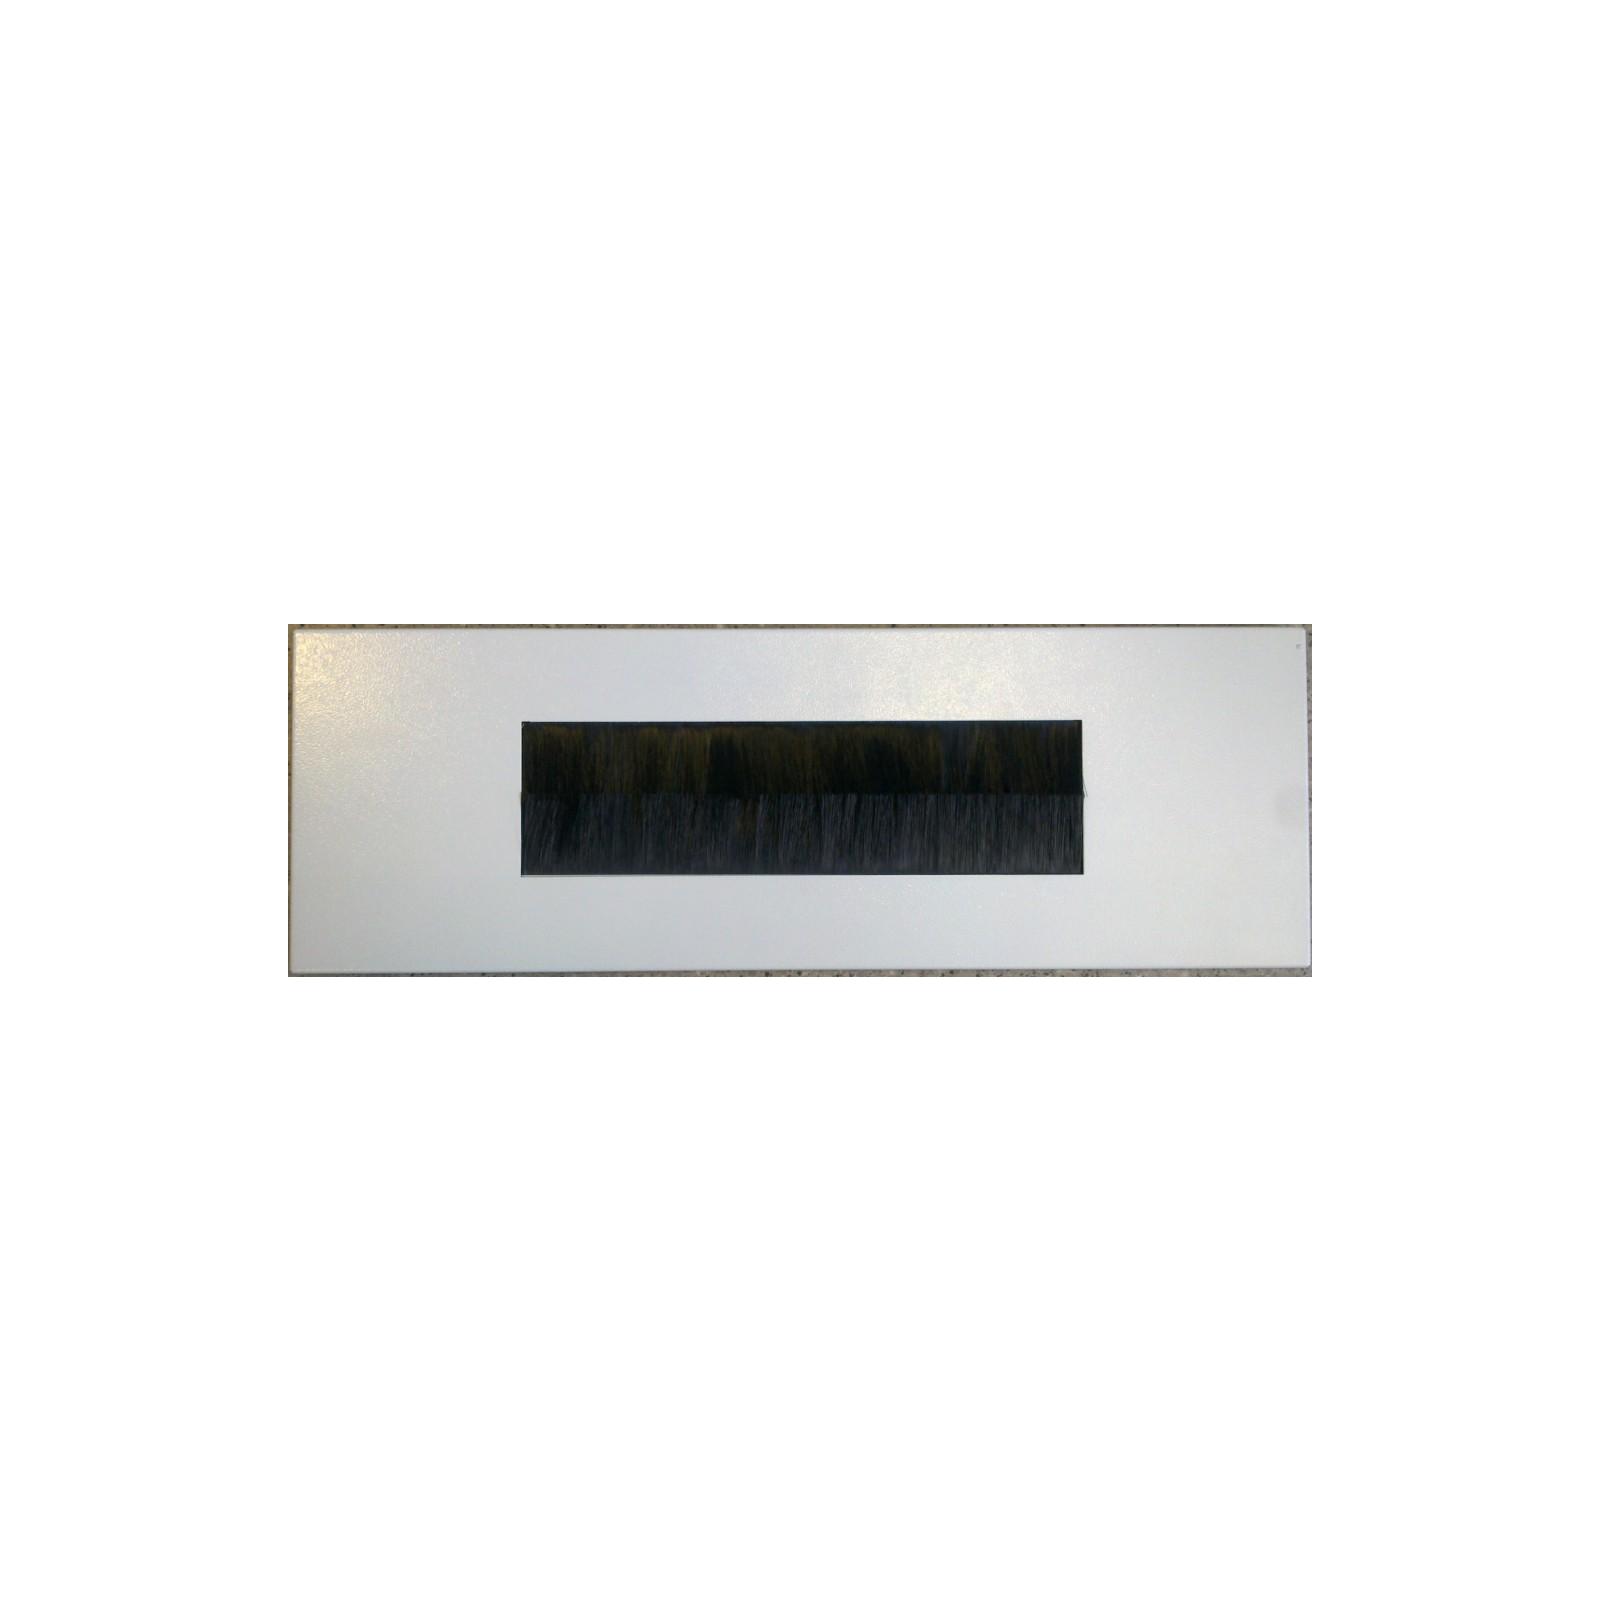 Шкаф напольный CSV 42U Rackmount 600x800 Glass изображение 8